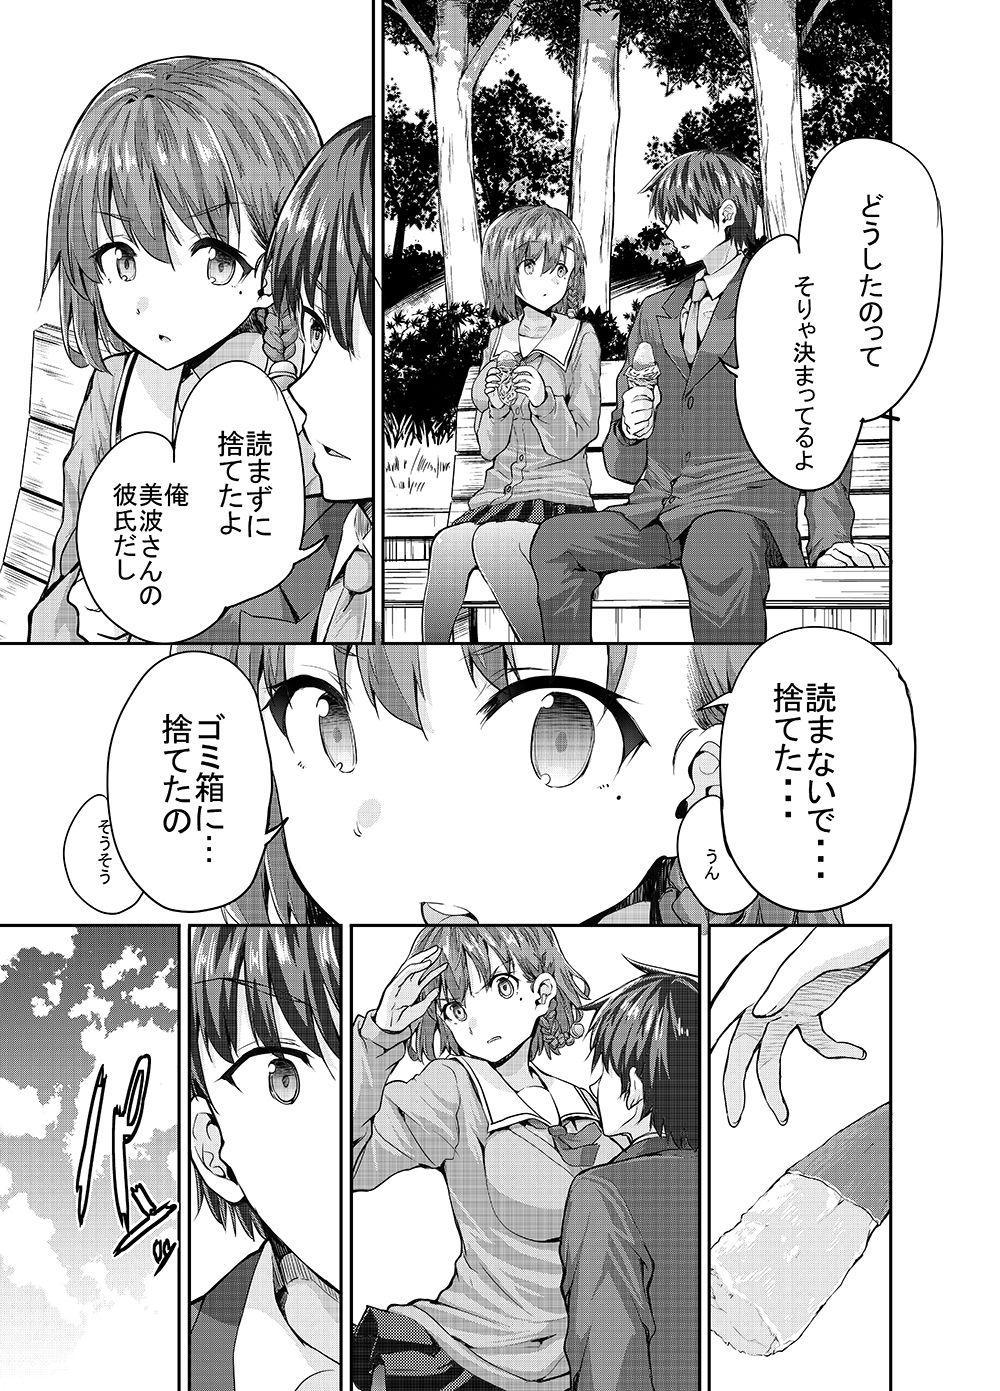 Onee-san ni Okoraretari Nakanaori SEX Shitari 4